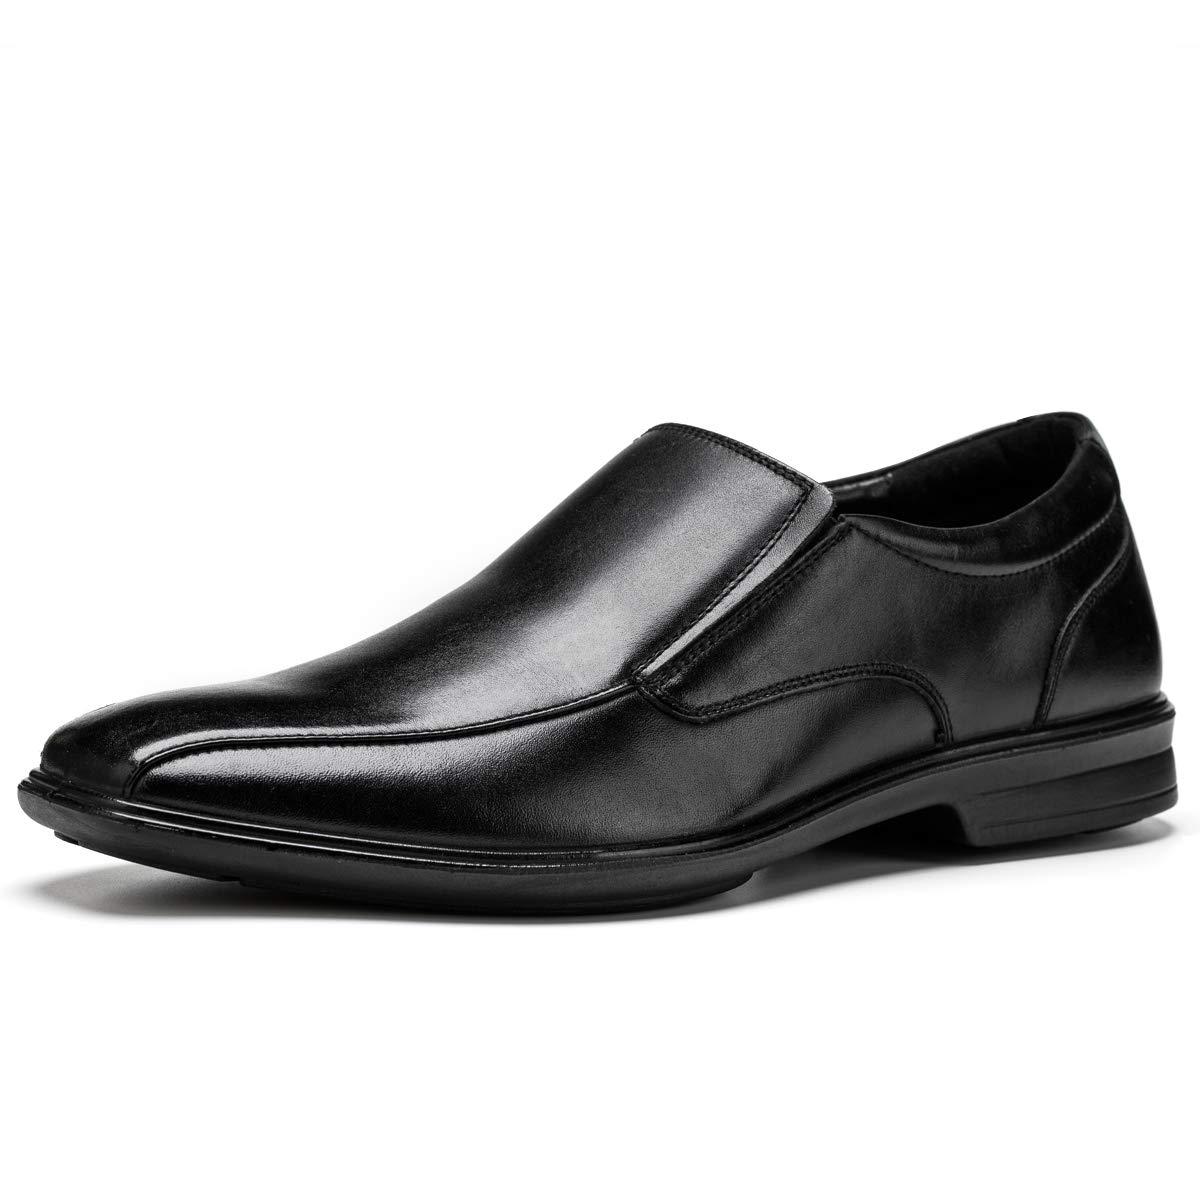 TALLA 41 EU . Jivana - Zapatos Planos con Cordones de Cuero Hombre